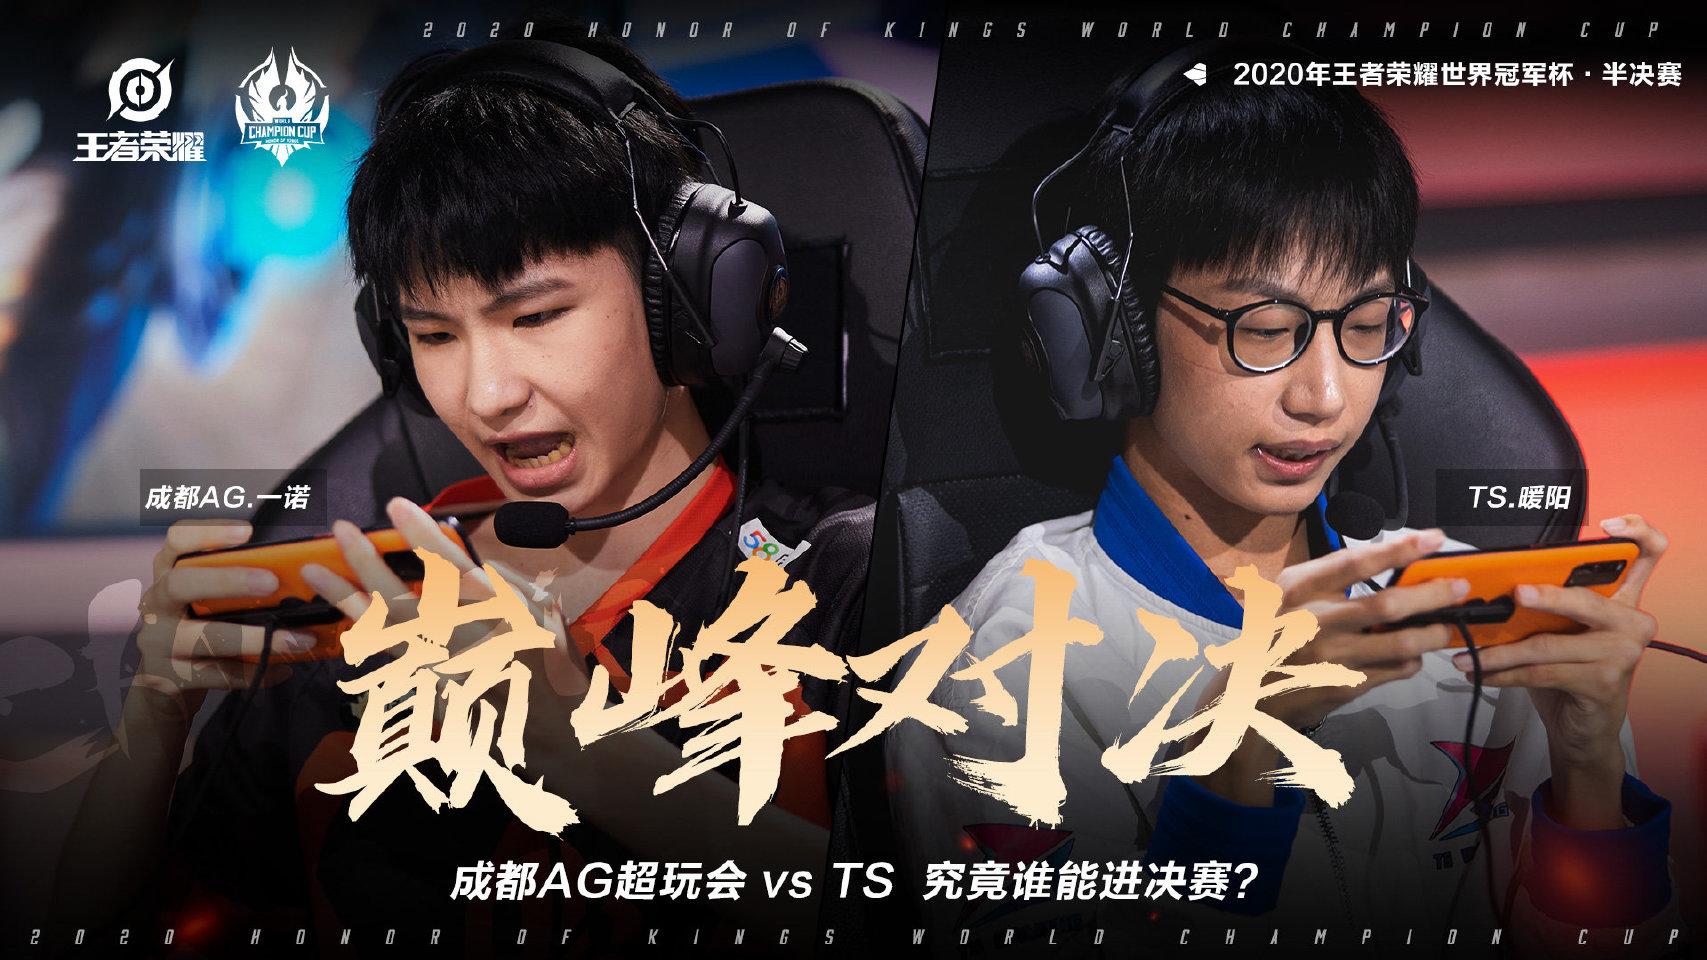 欧飞数卡_又又又巅峰对决,TS4: 3战胜AG超玩会晋级总决赛